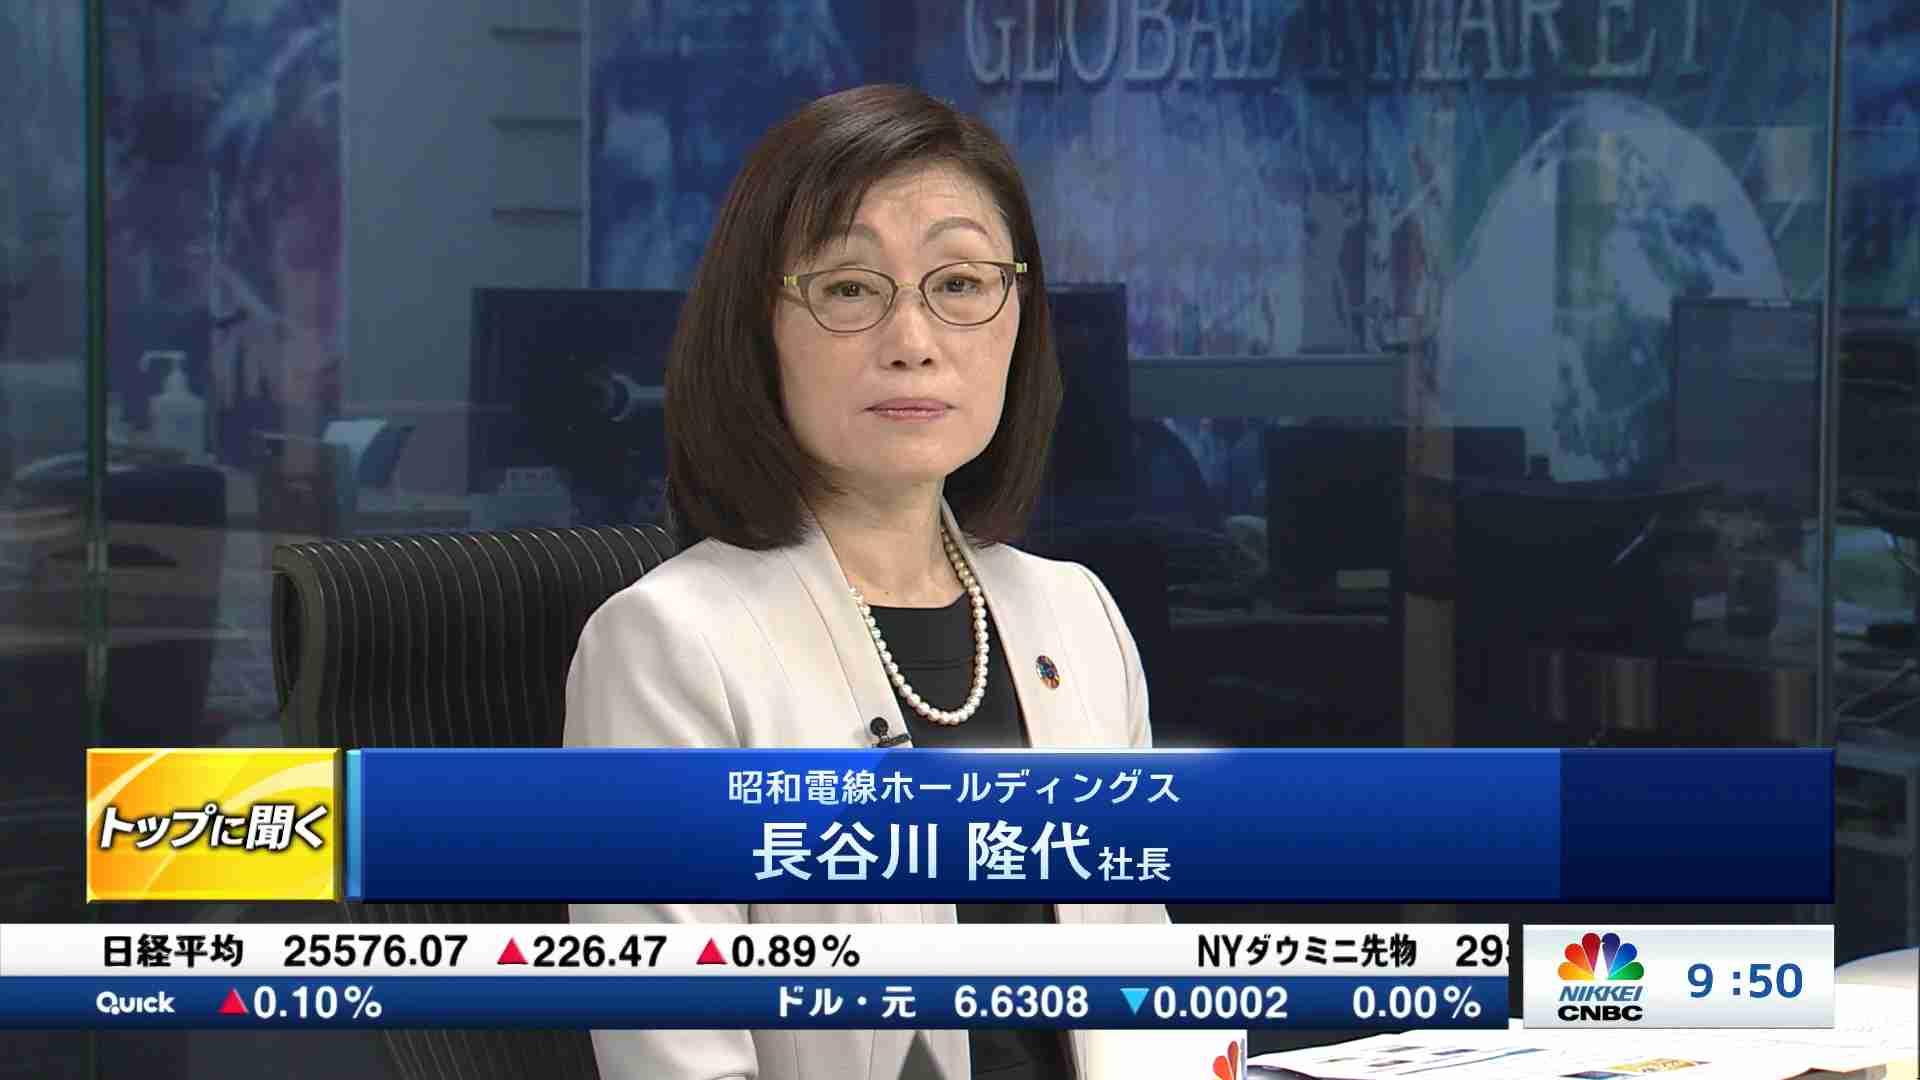 株価 昭和 電線